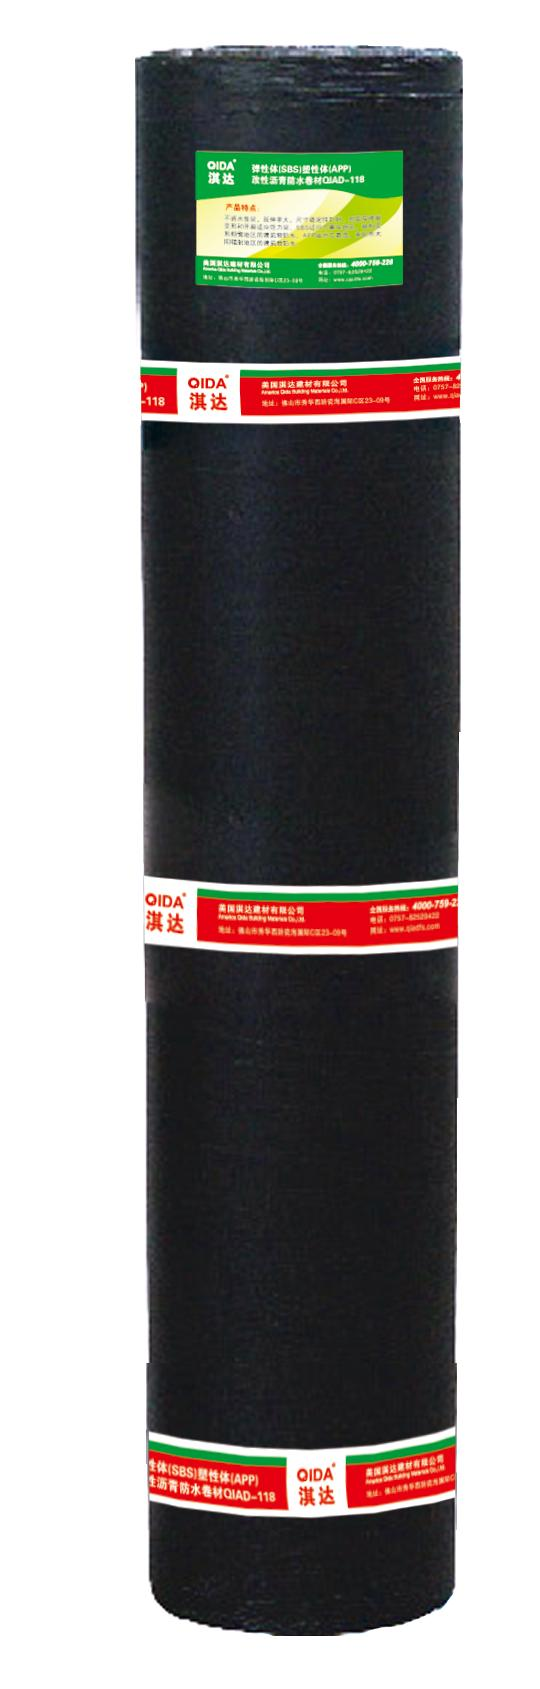 改性沥青防水卷材QD-118